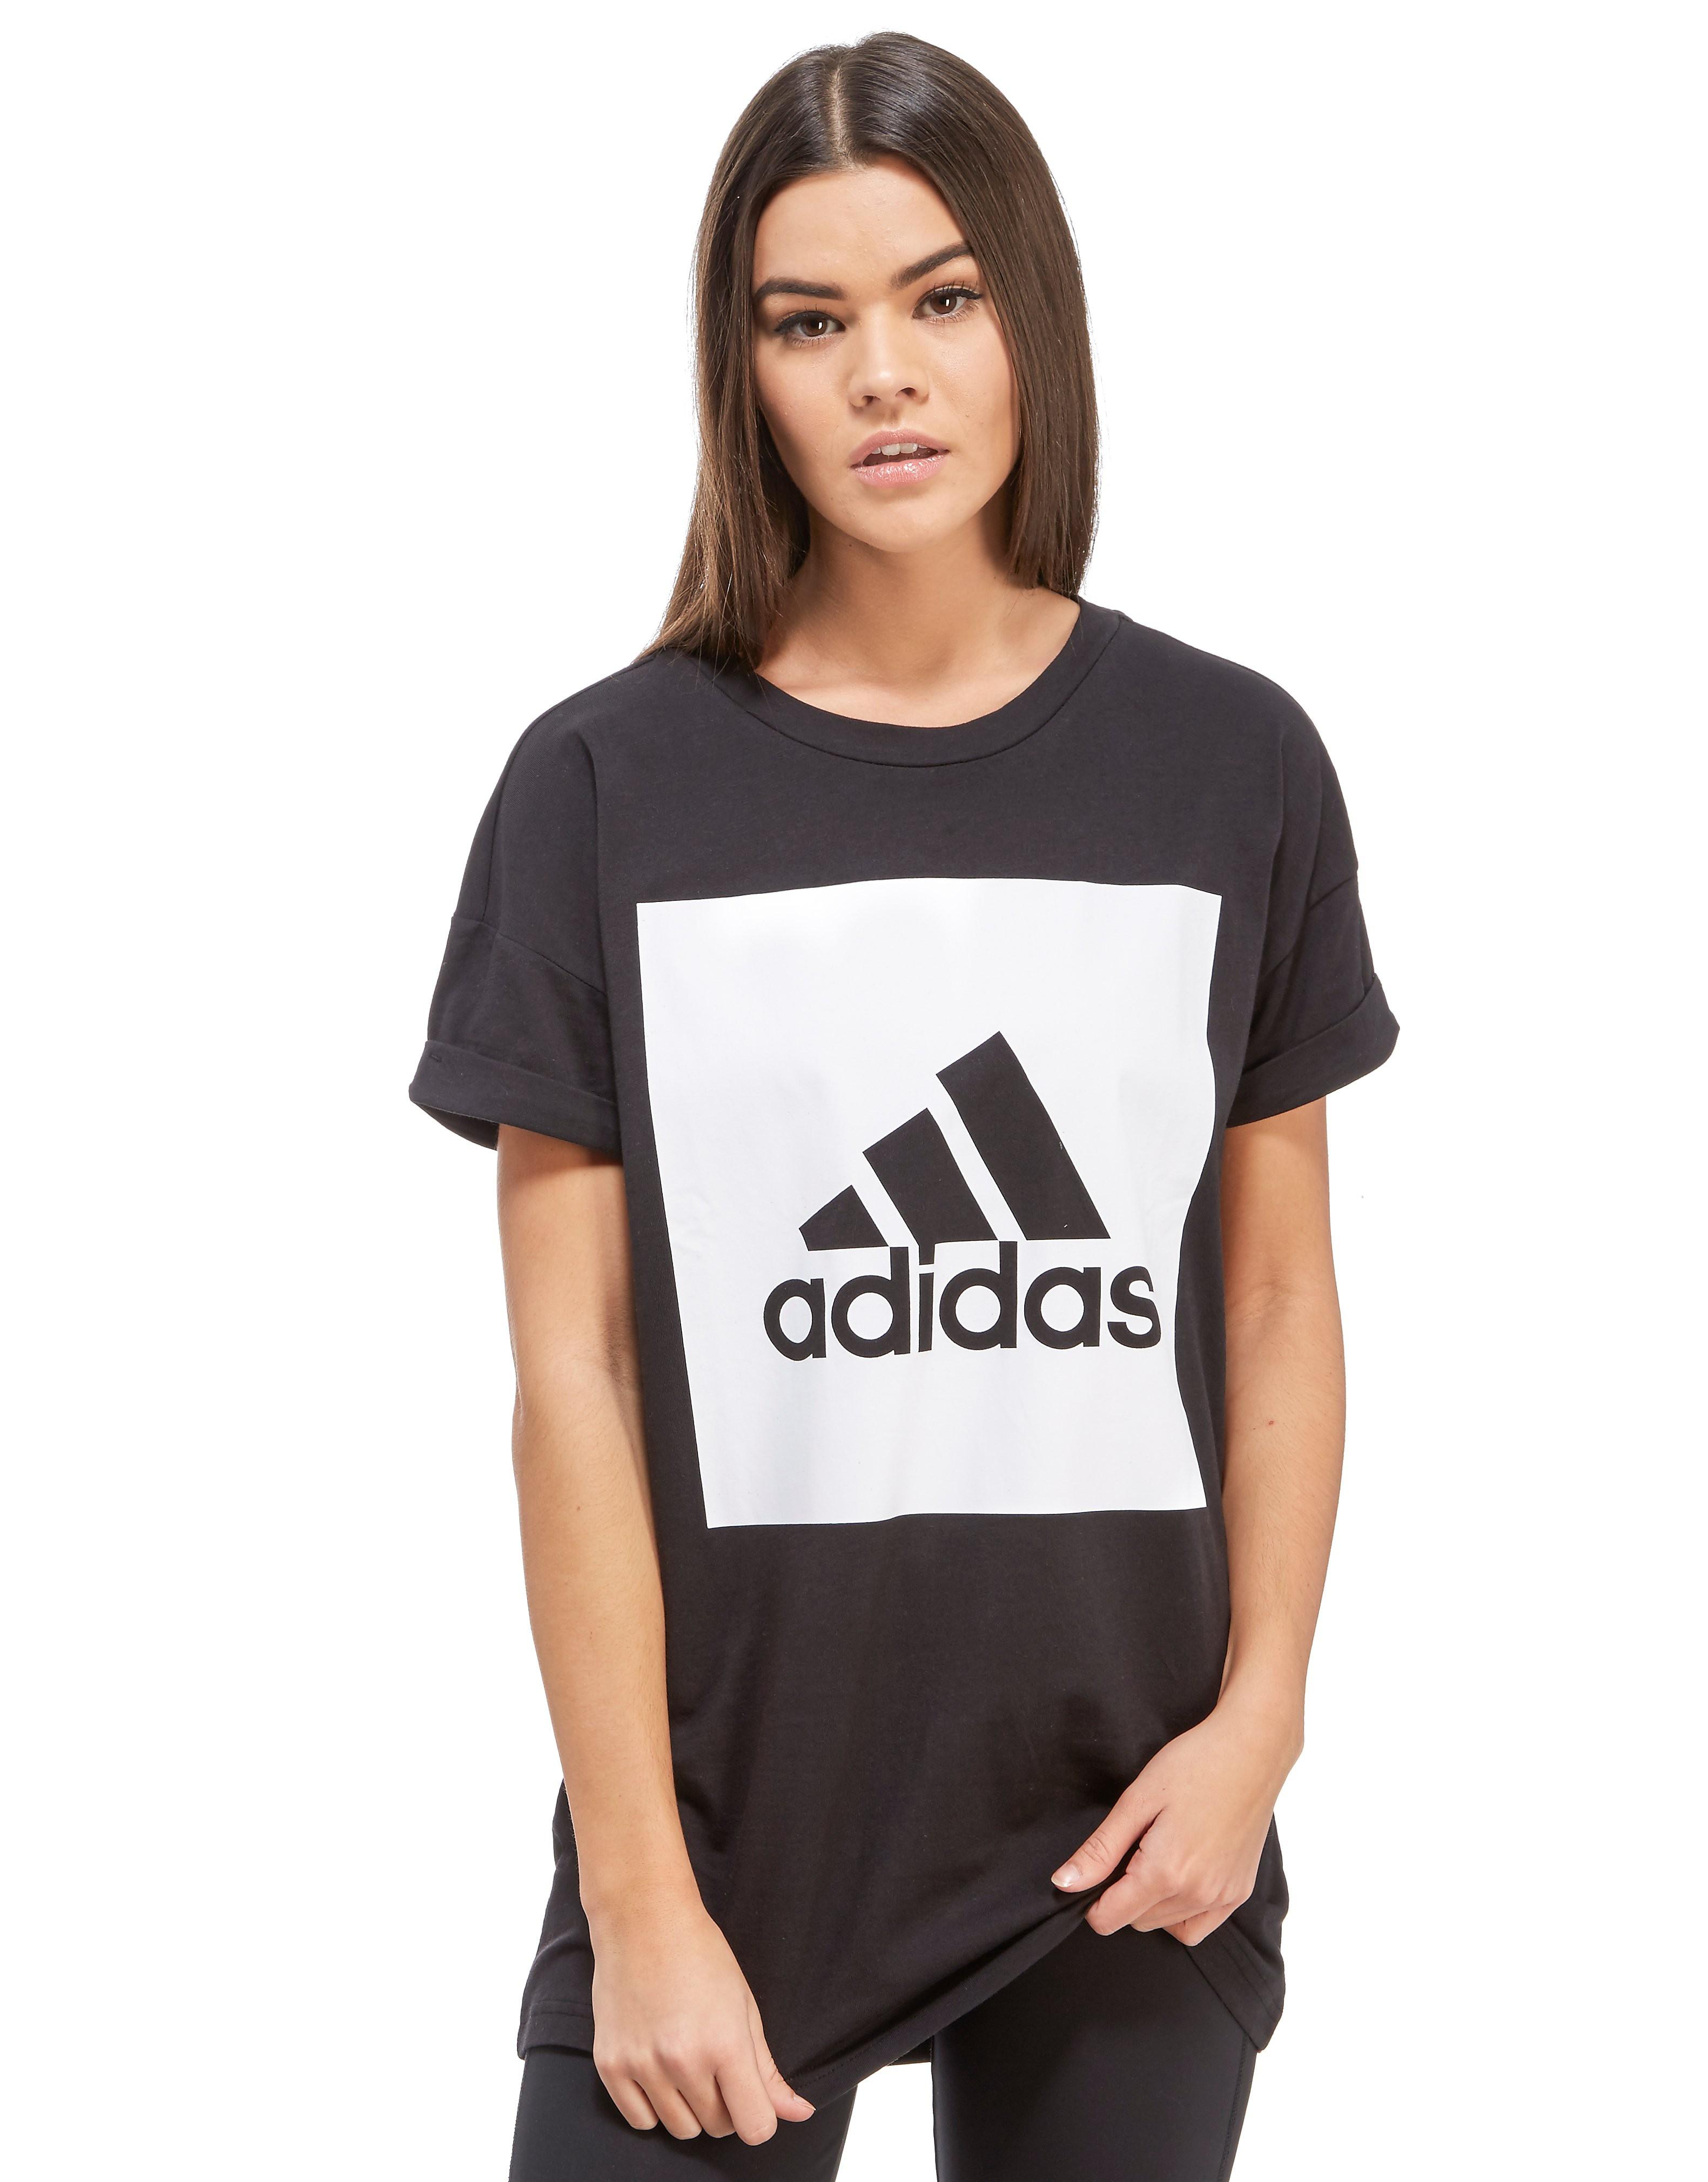 adidas Essentials Logo T-Shirt